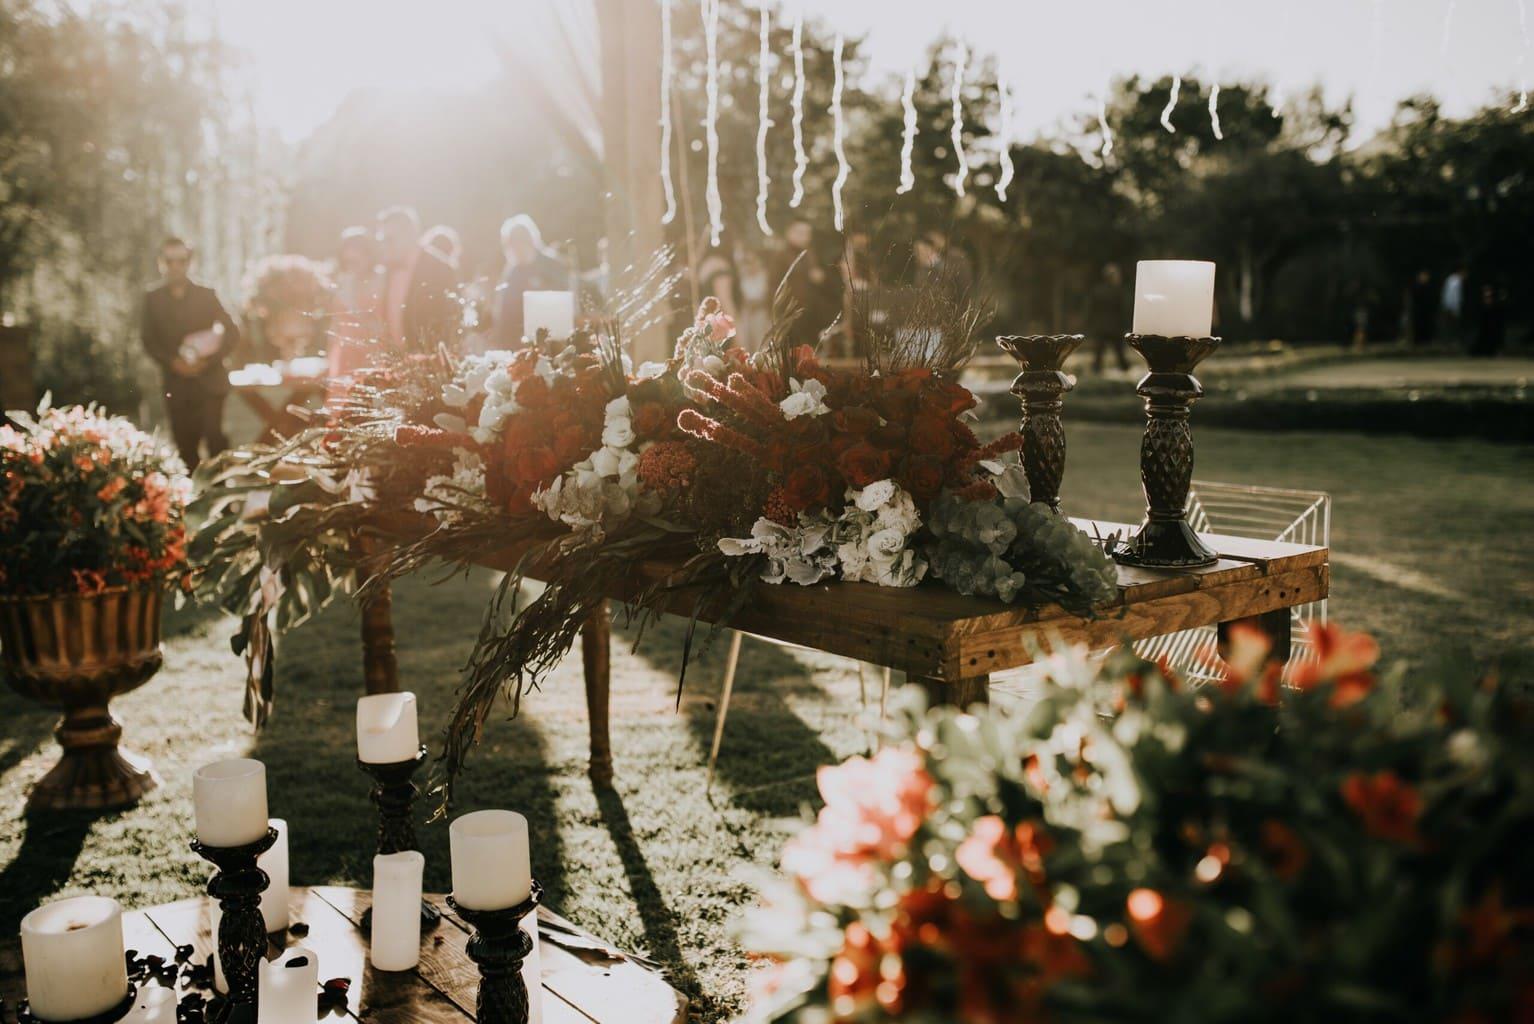 От ситцевой до бриллиантовой: какие украшения дарить на годовщину свадьбы?